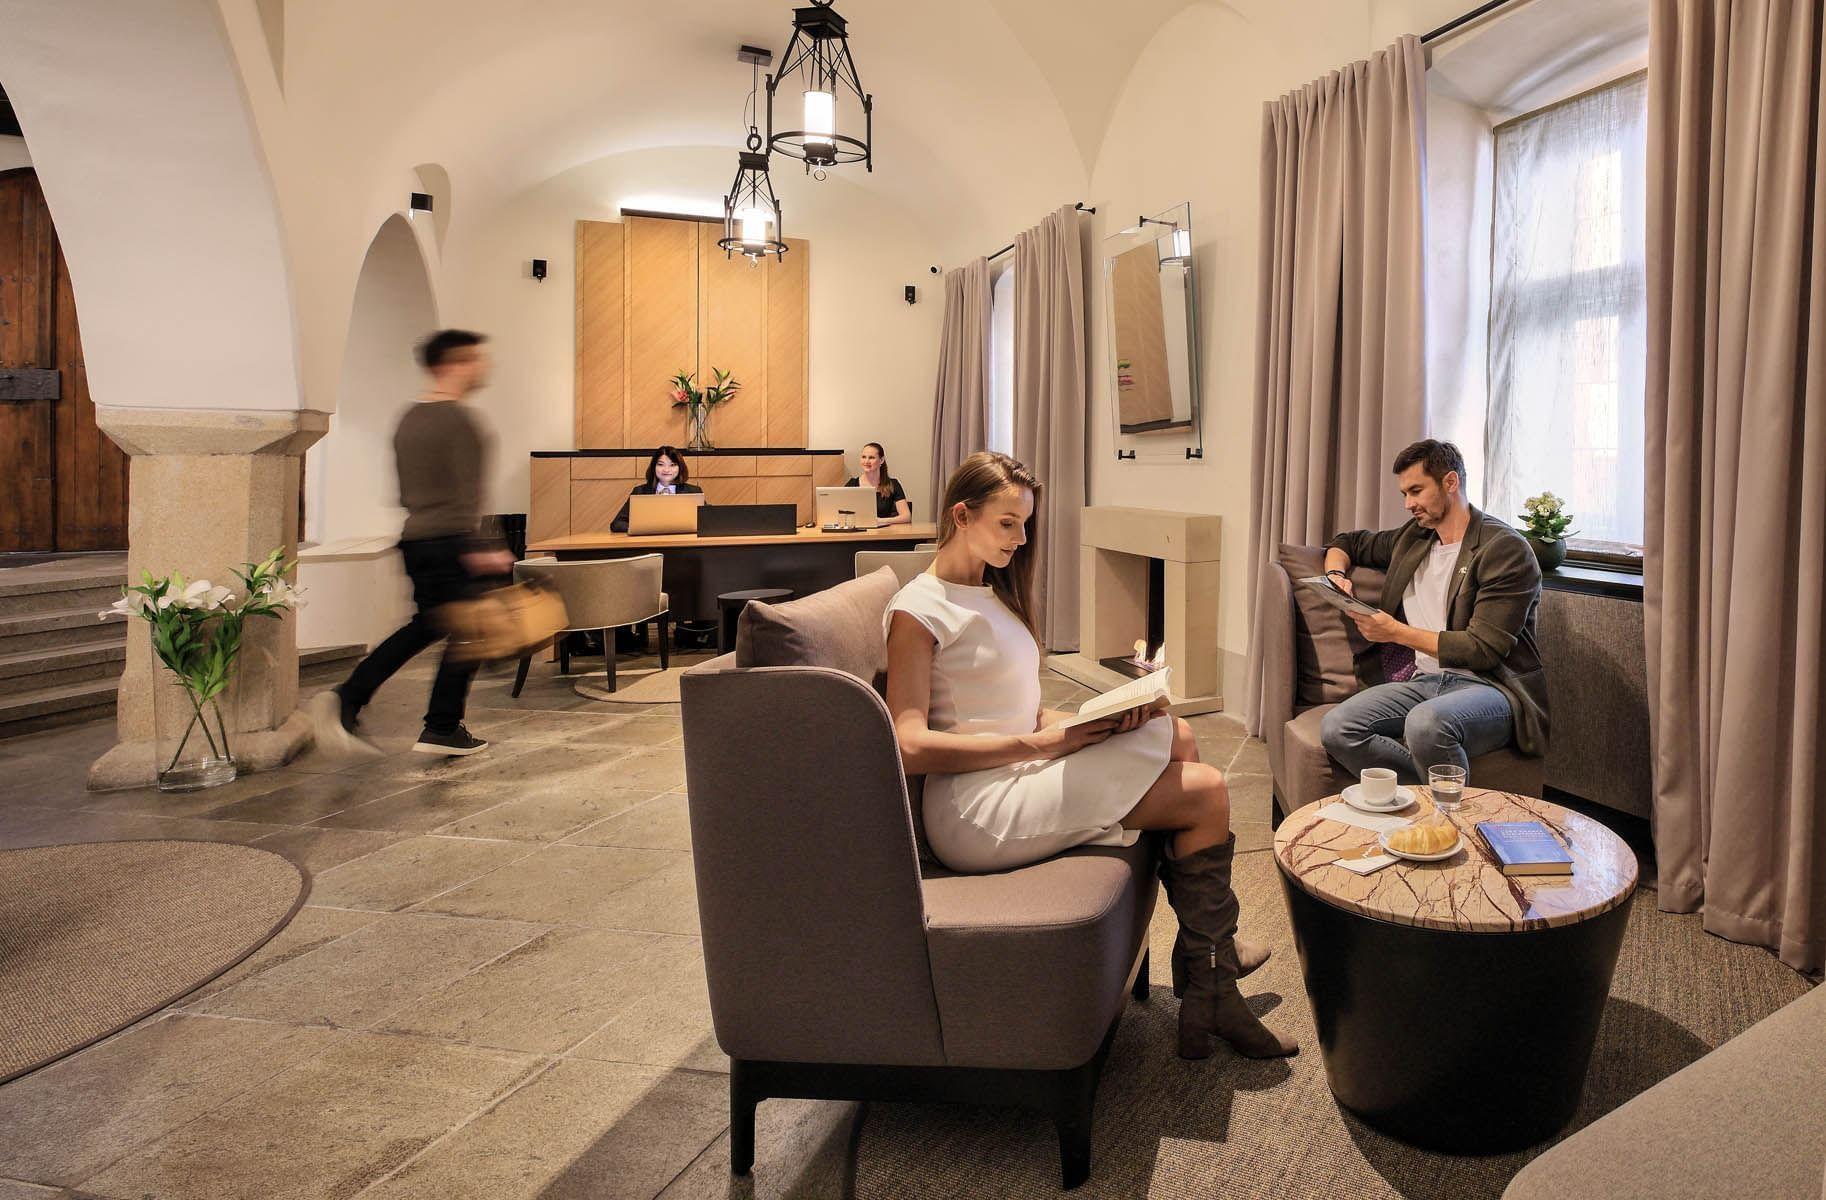 Hotel Leonardo Lobby, Jan Hotels, Czech Republic